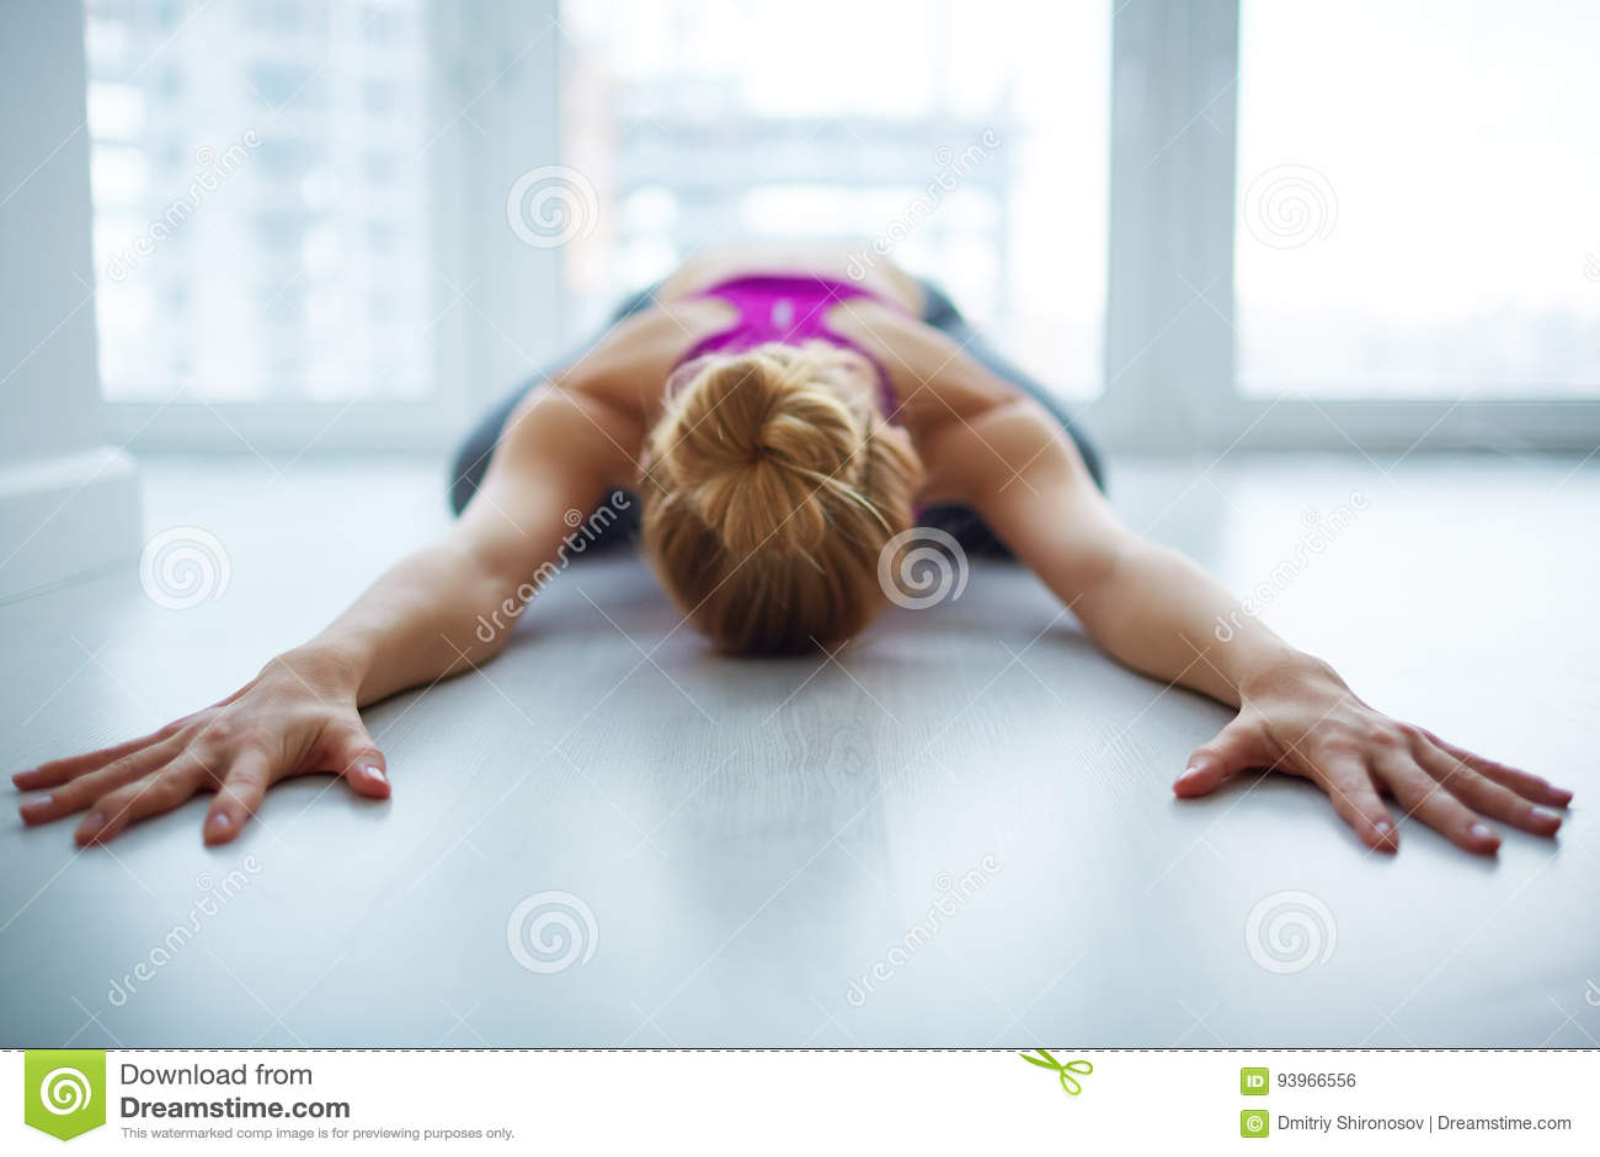 Female Yogi Meditating at Home